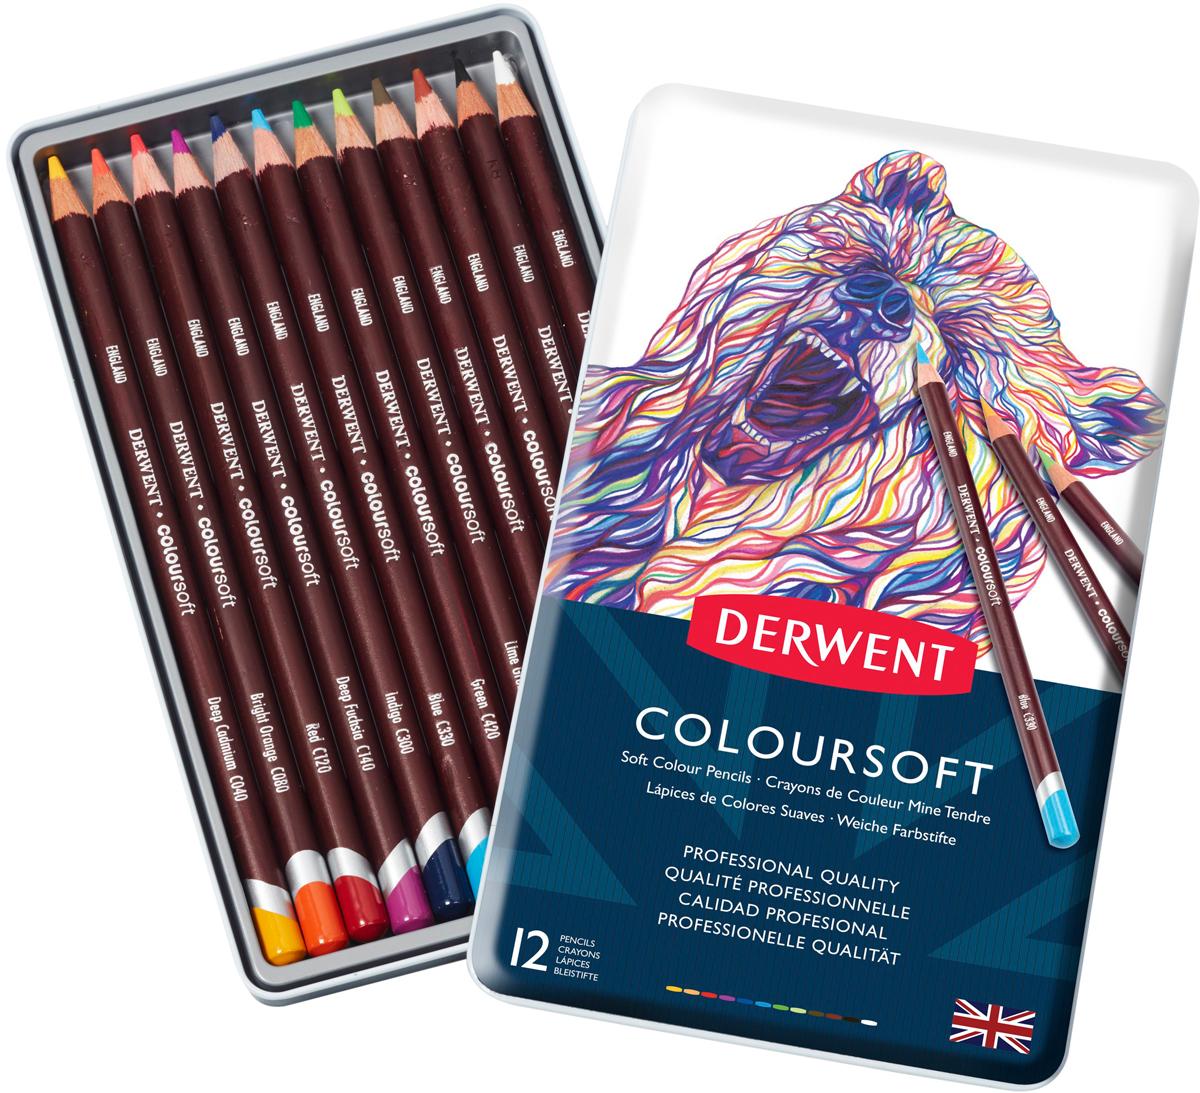 Derwent Набор цветных карандашей Coloursoft 12 цветов derwent набор цветных карандашей coloursoft 48 цветов